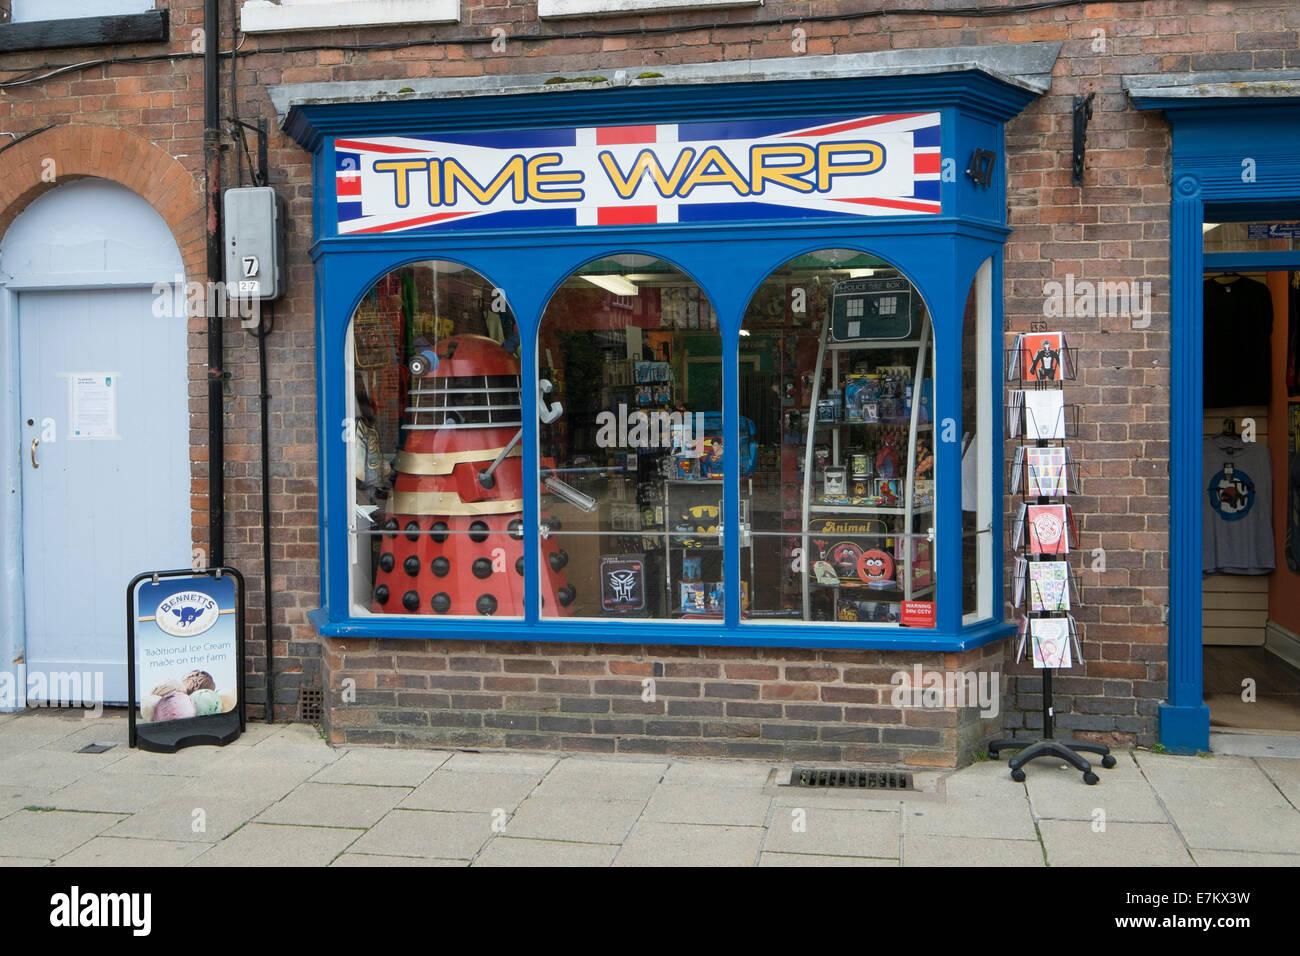 Time Warp Novelty Shop in Stratford - Stock Image